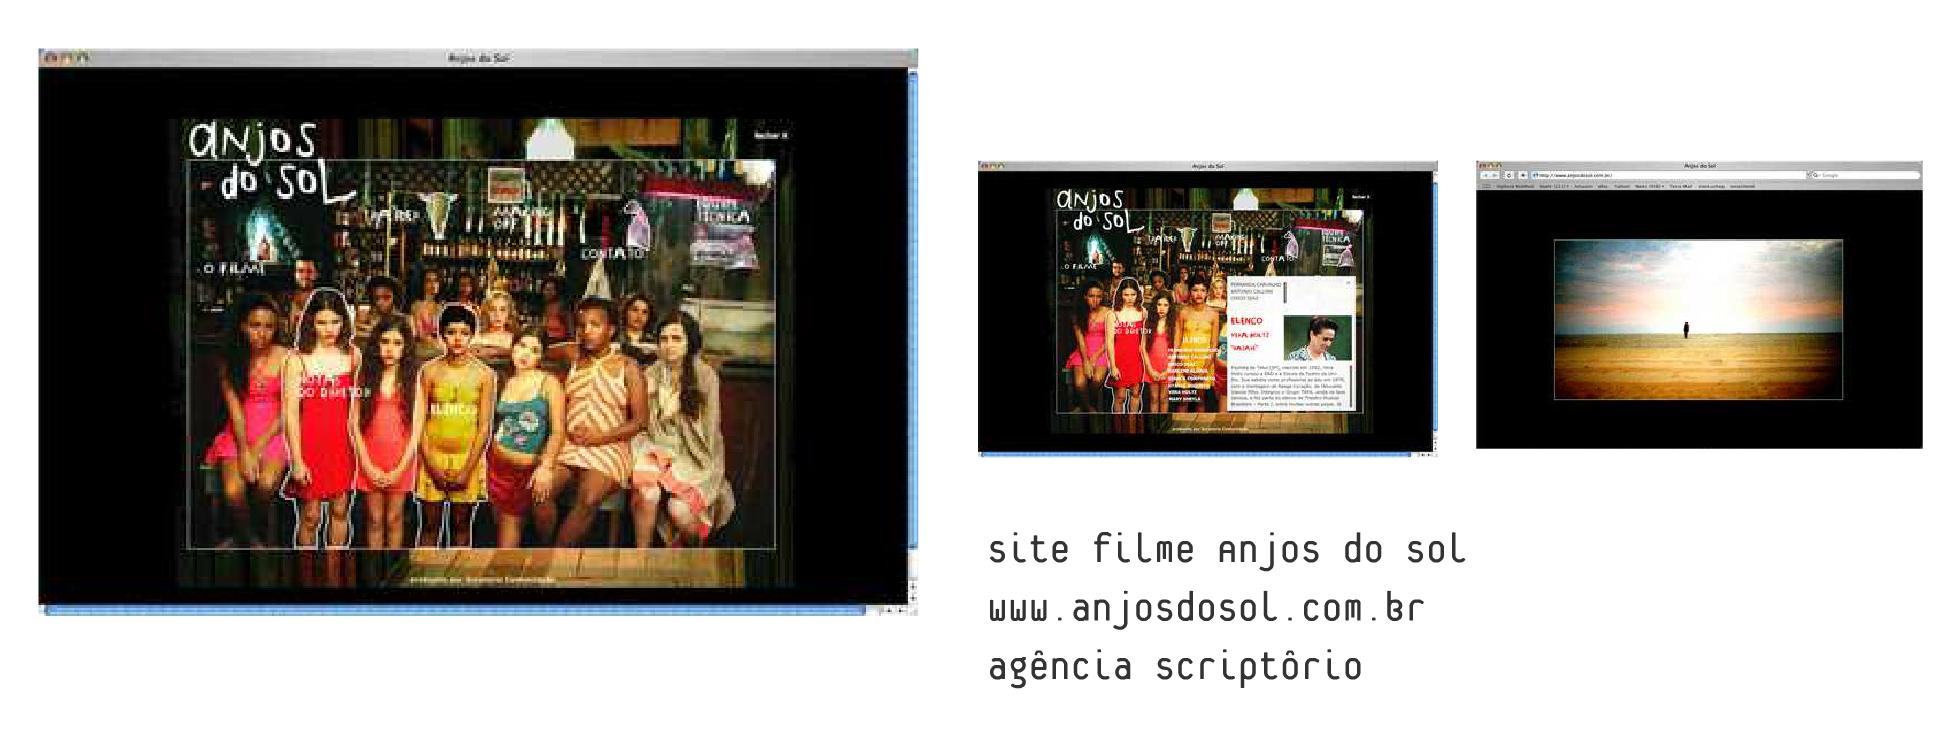 Site Filme Anjos do Sol